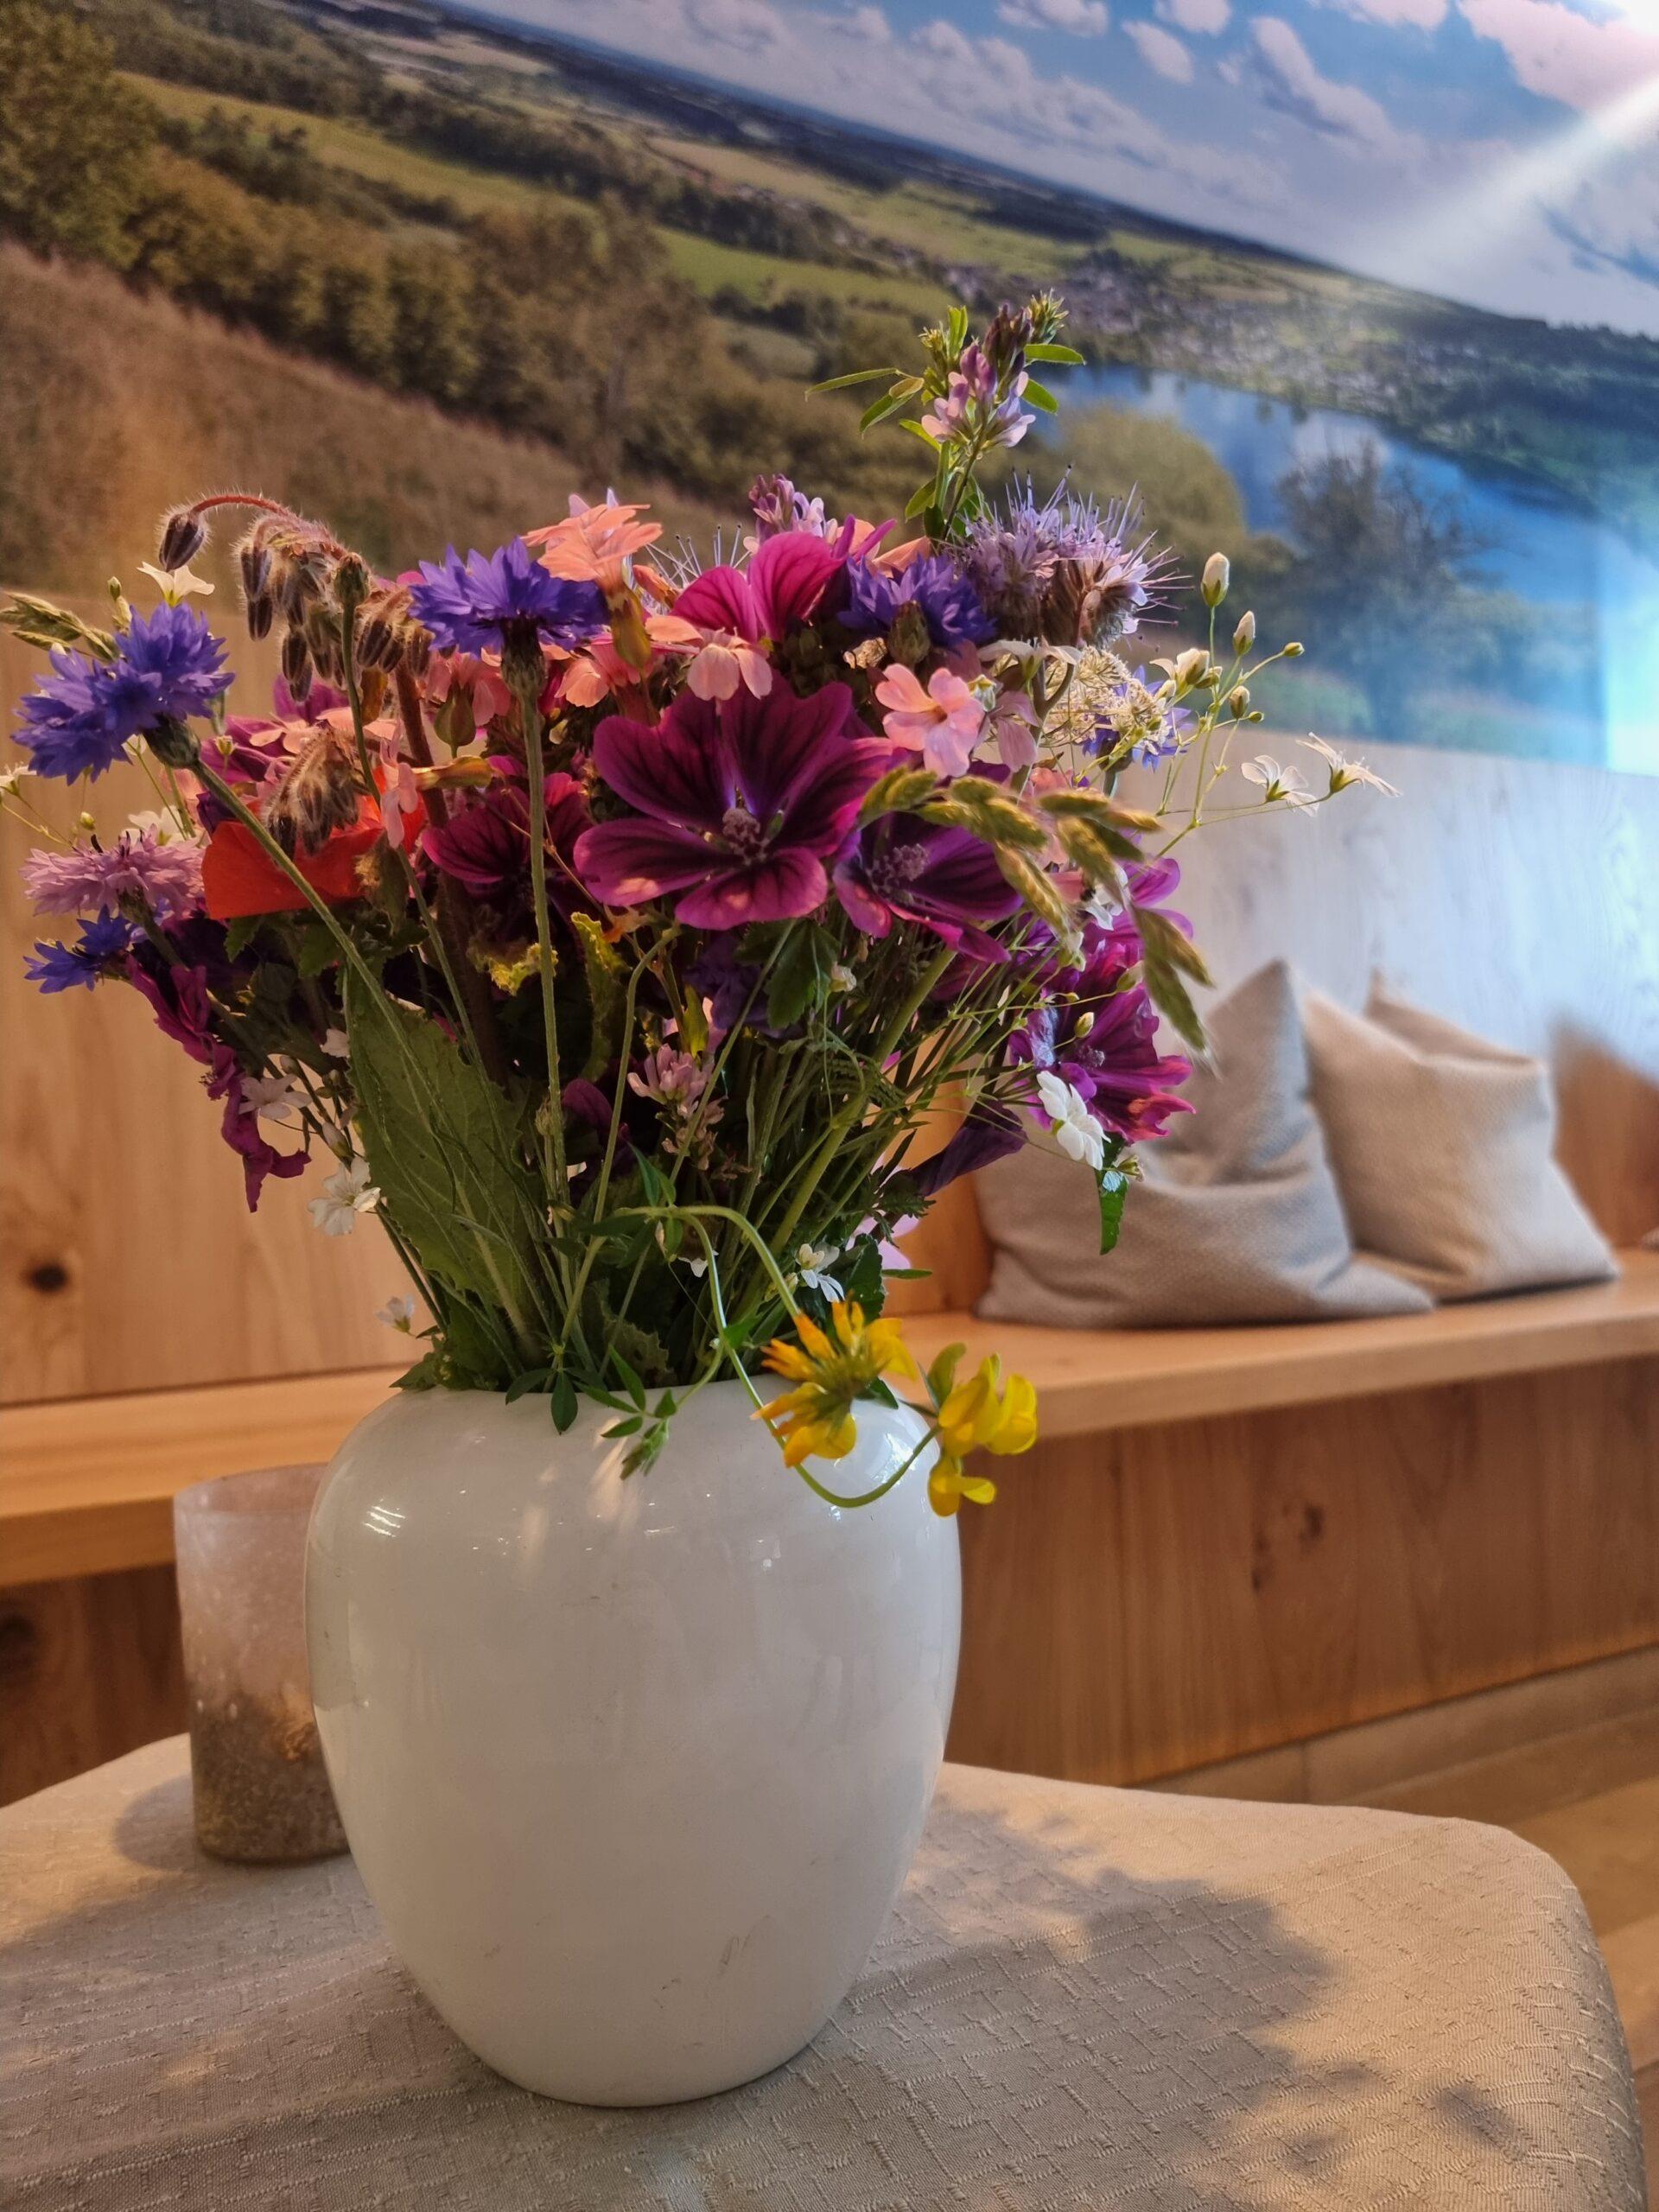 Blumen aus dem Maarkessel